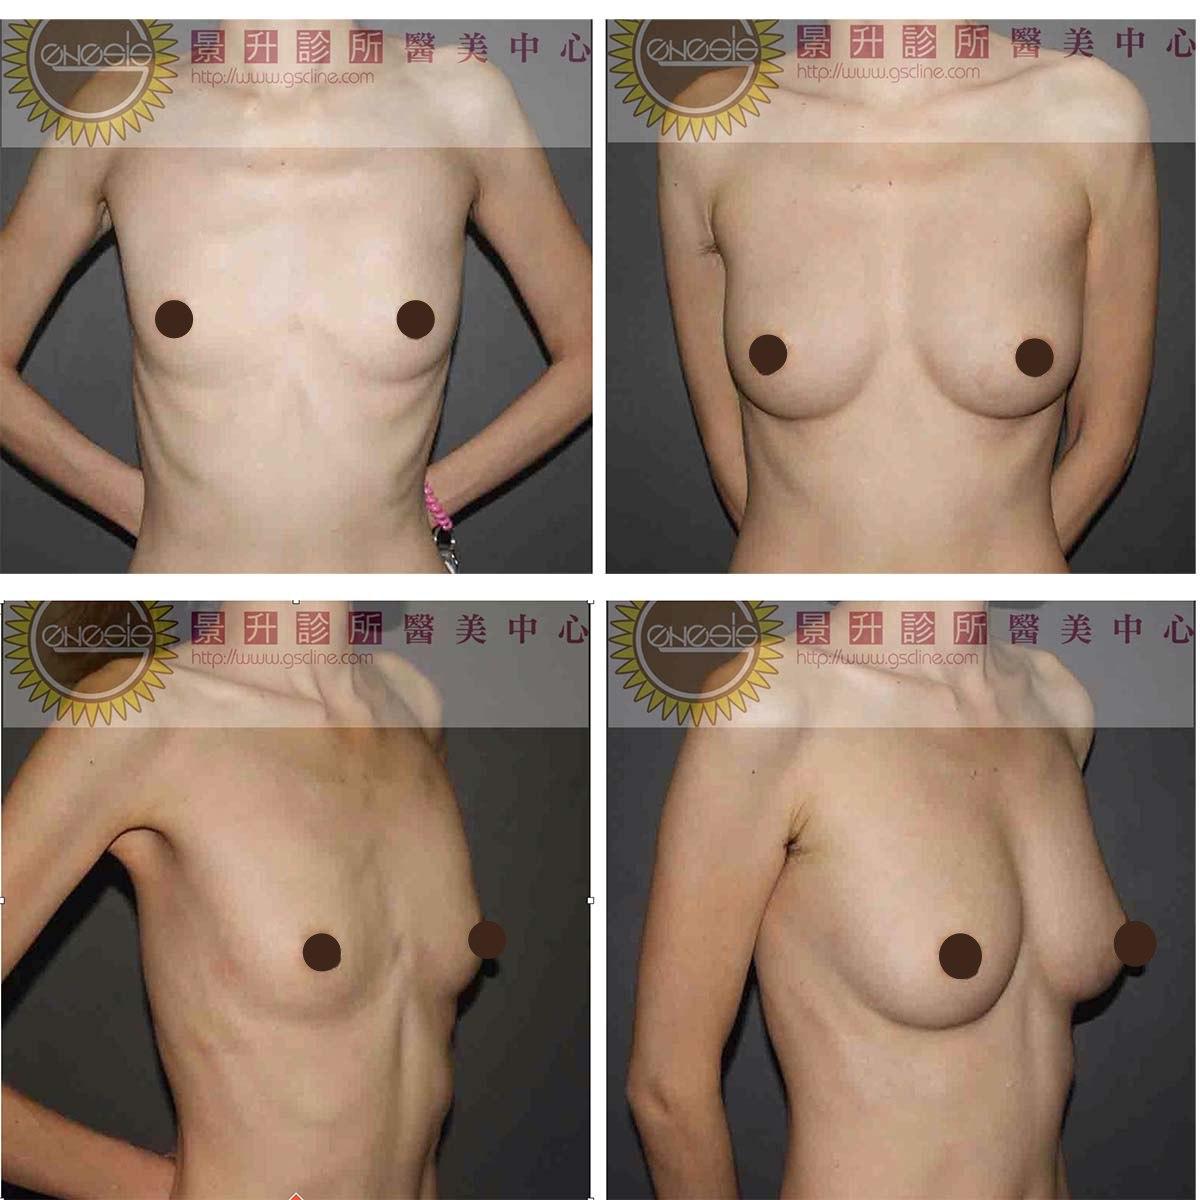 每邊胸部打入300ml左右的自體脂肪隆乳,一年後回診